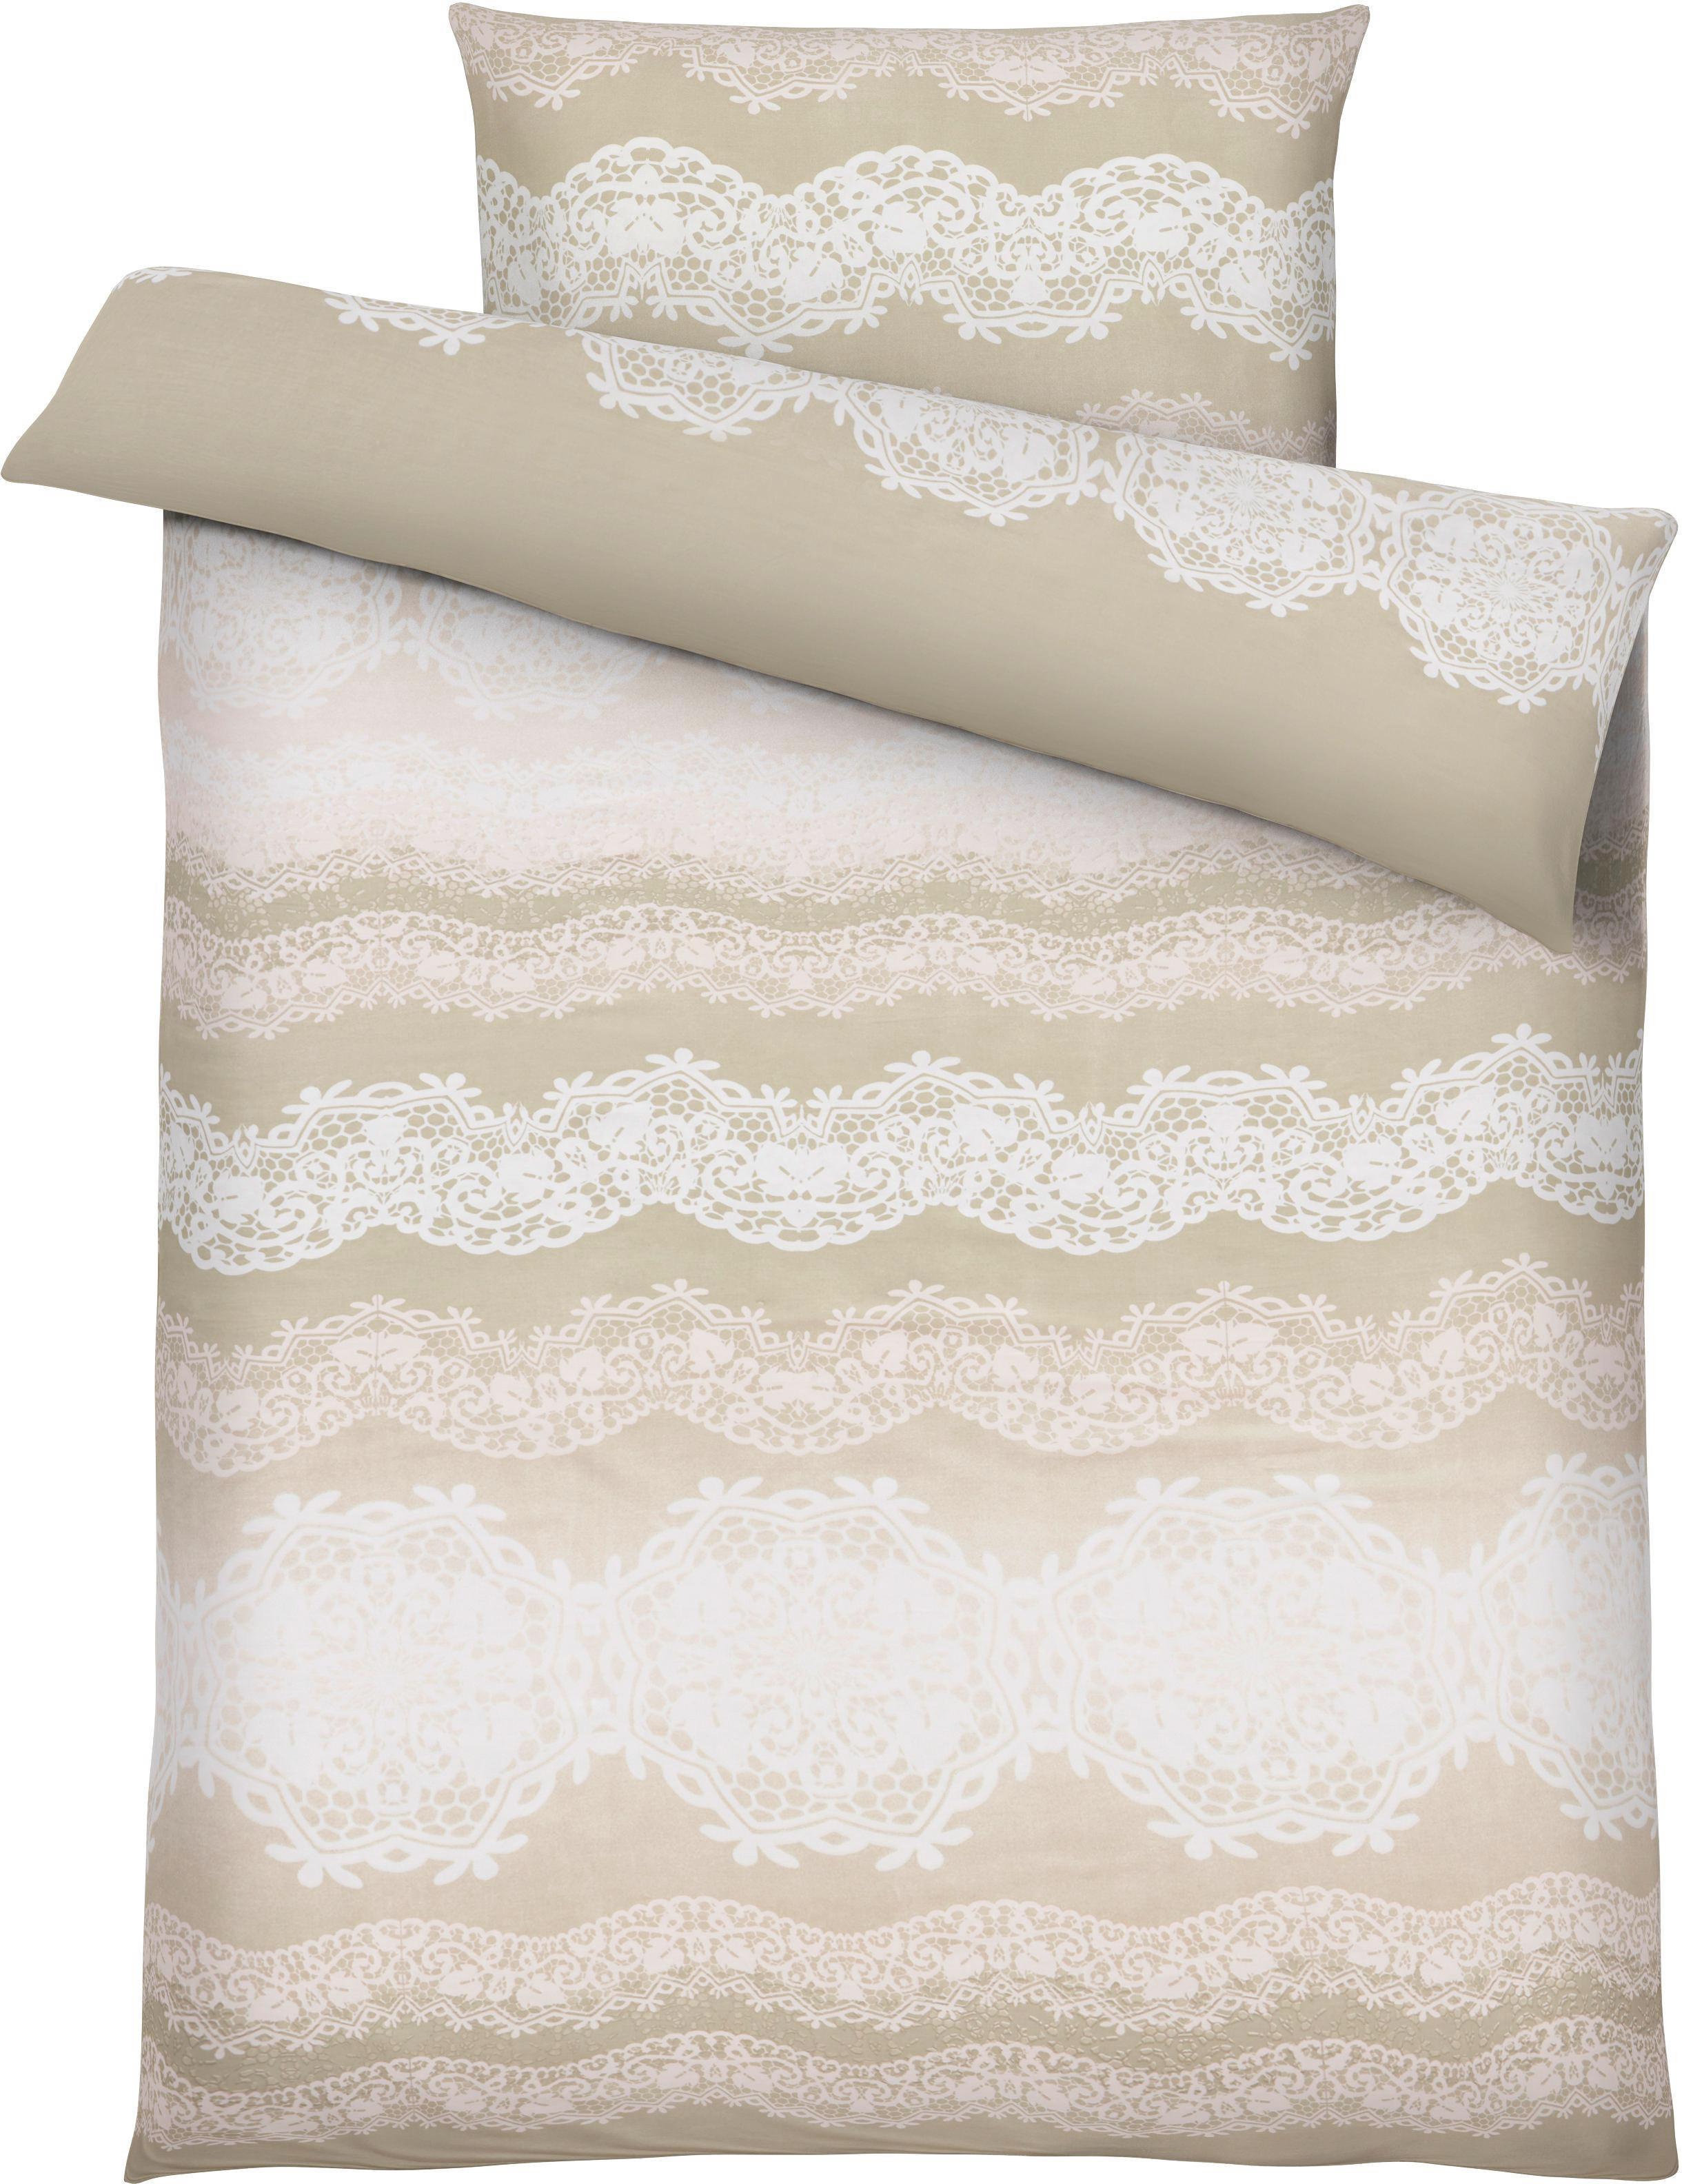 Ágyneműhuzat-garnitúra Eliane - rózsaszín, romantikus/Landhaus, textil (140/200cm) - INSIDO